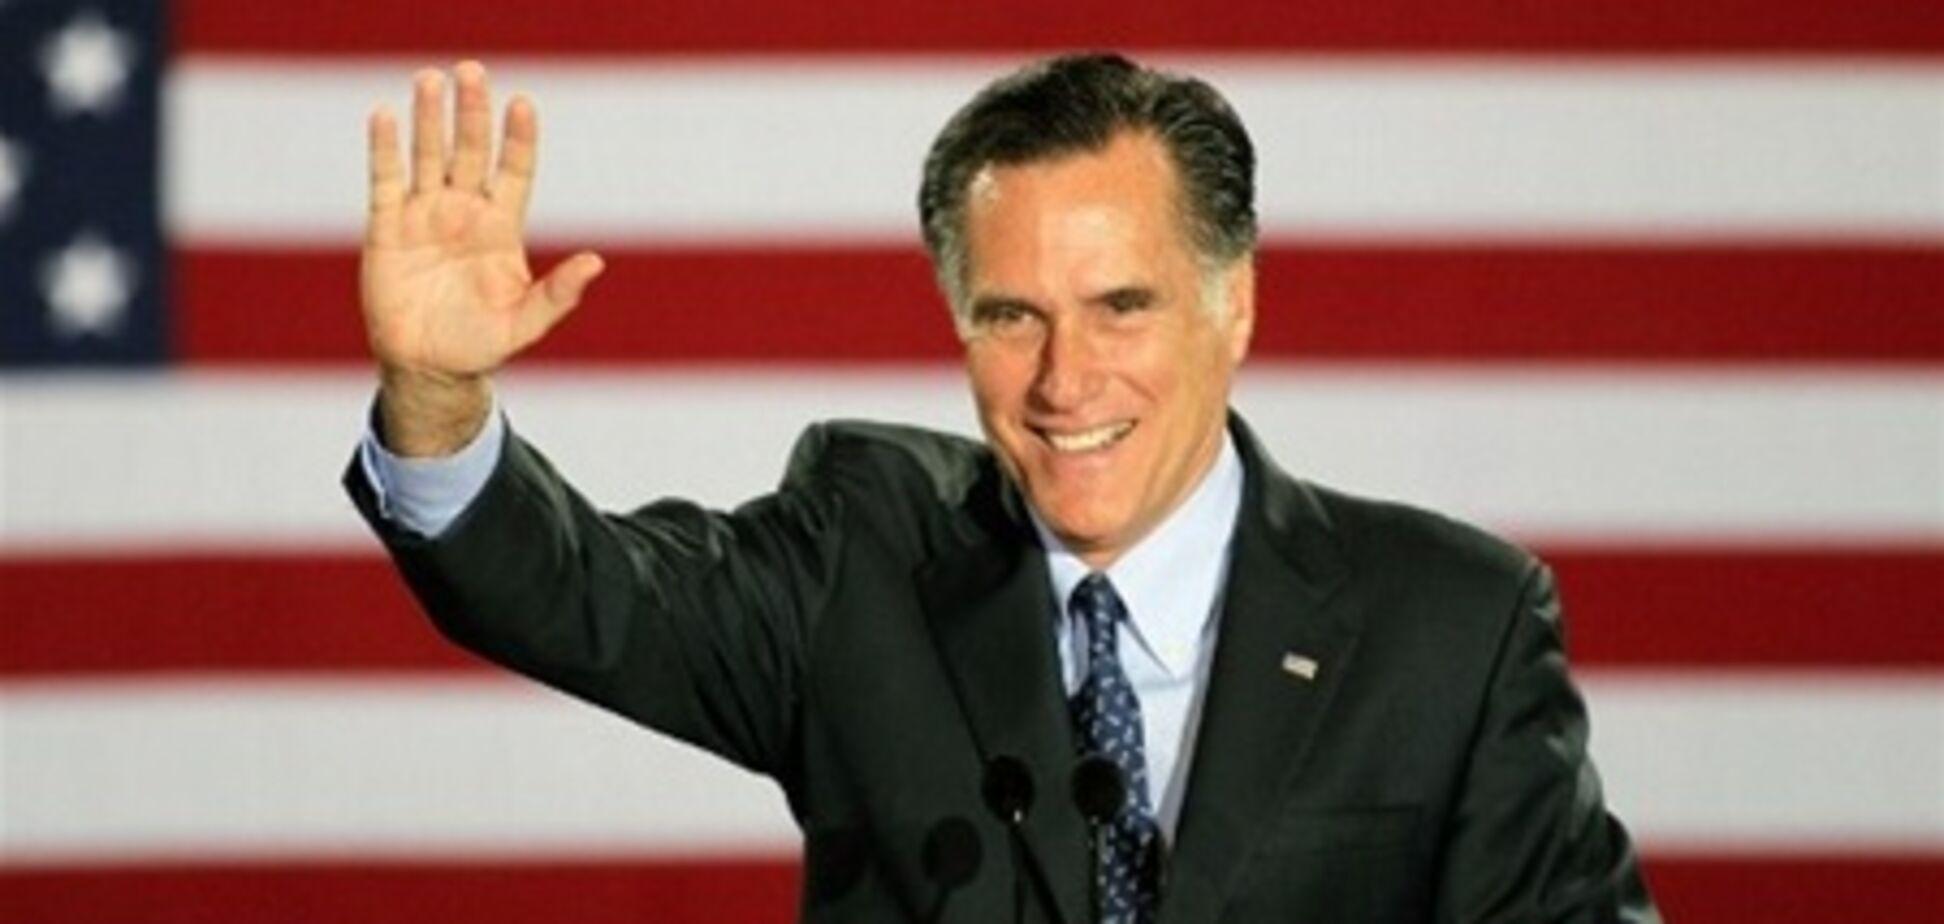 Сын Ромни: отец не хотел идти в президенты